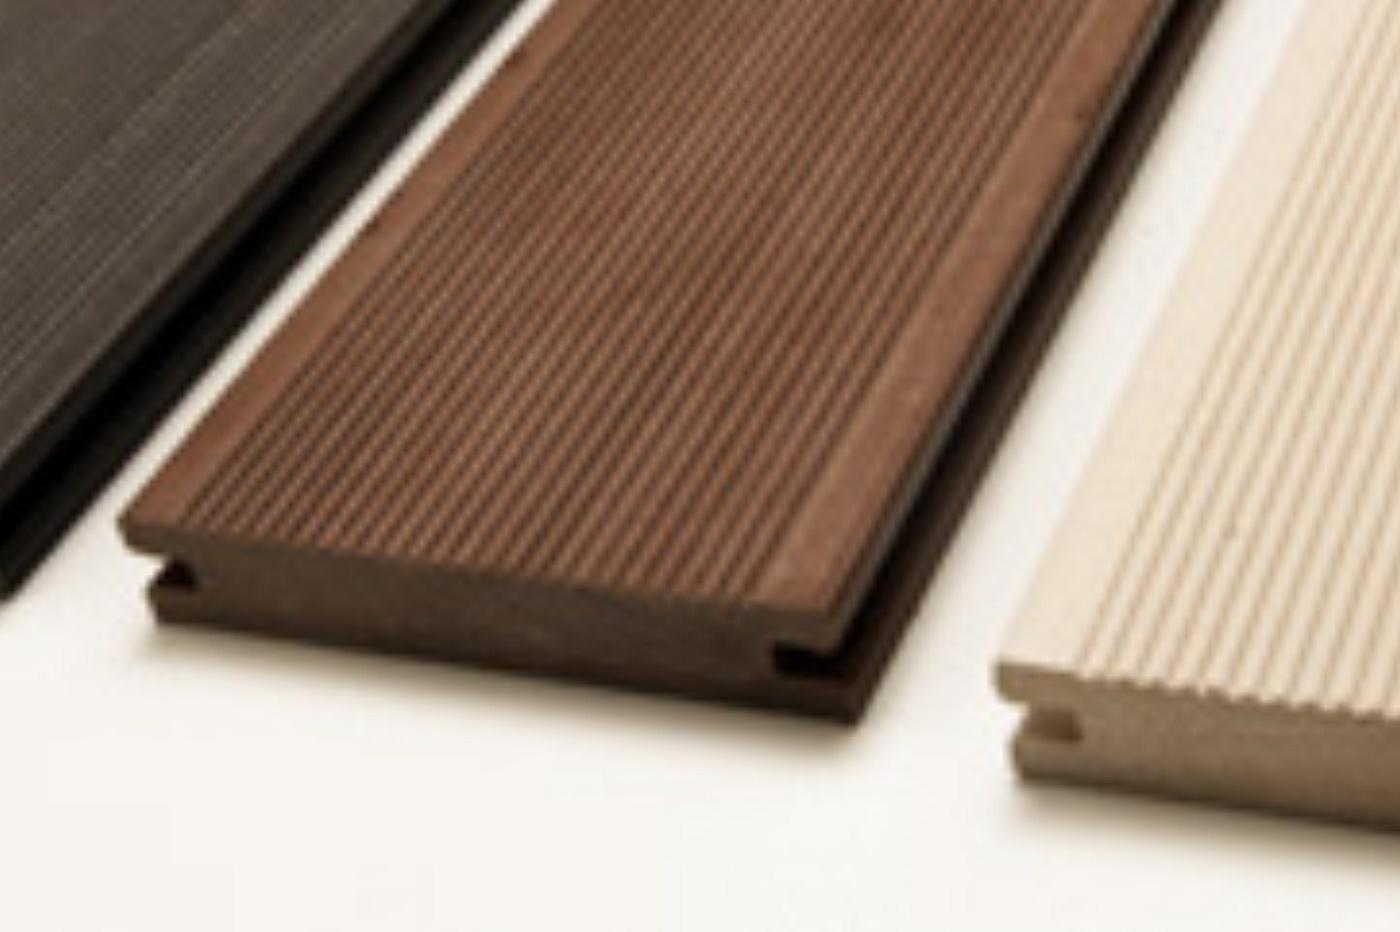 Valex parquet livorno pavimentazione composita in plastica legno - Pavimento pvc esterno ...